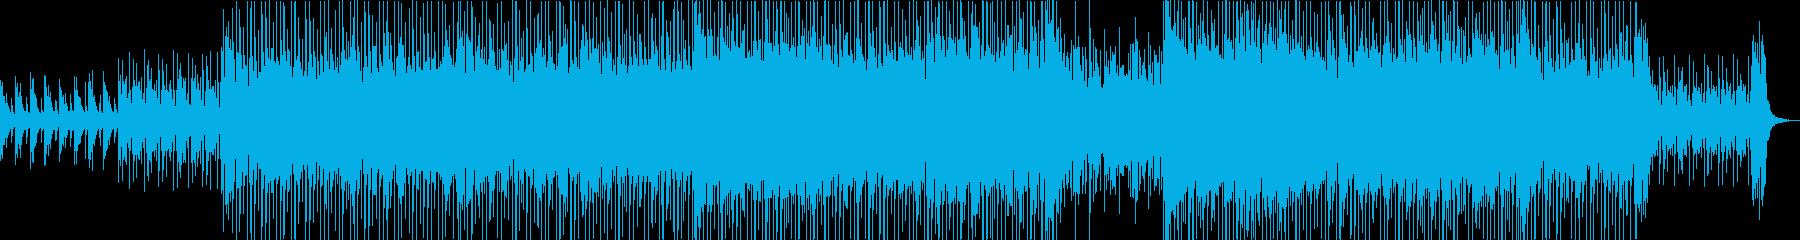 明るいムードのポップハウス曲の再生済みの波形